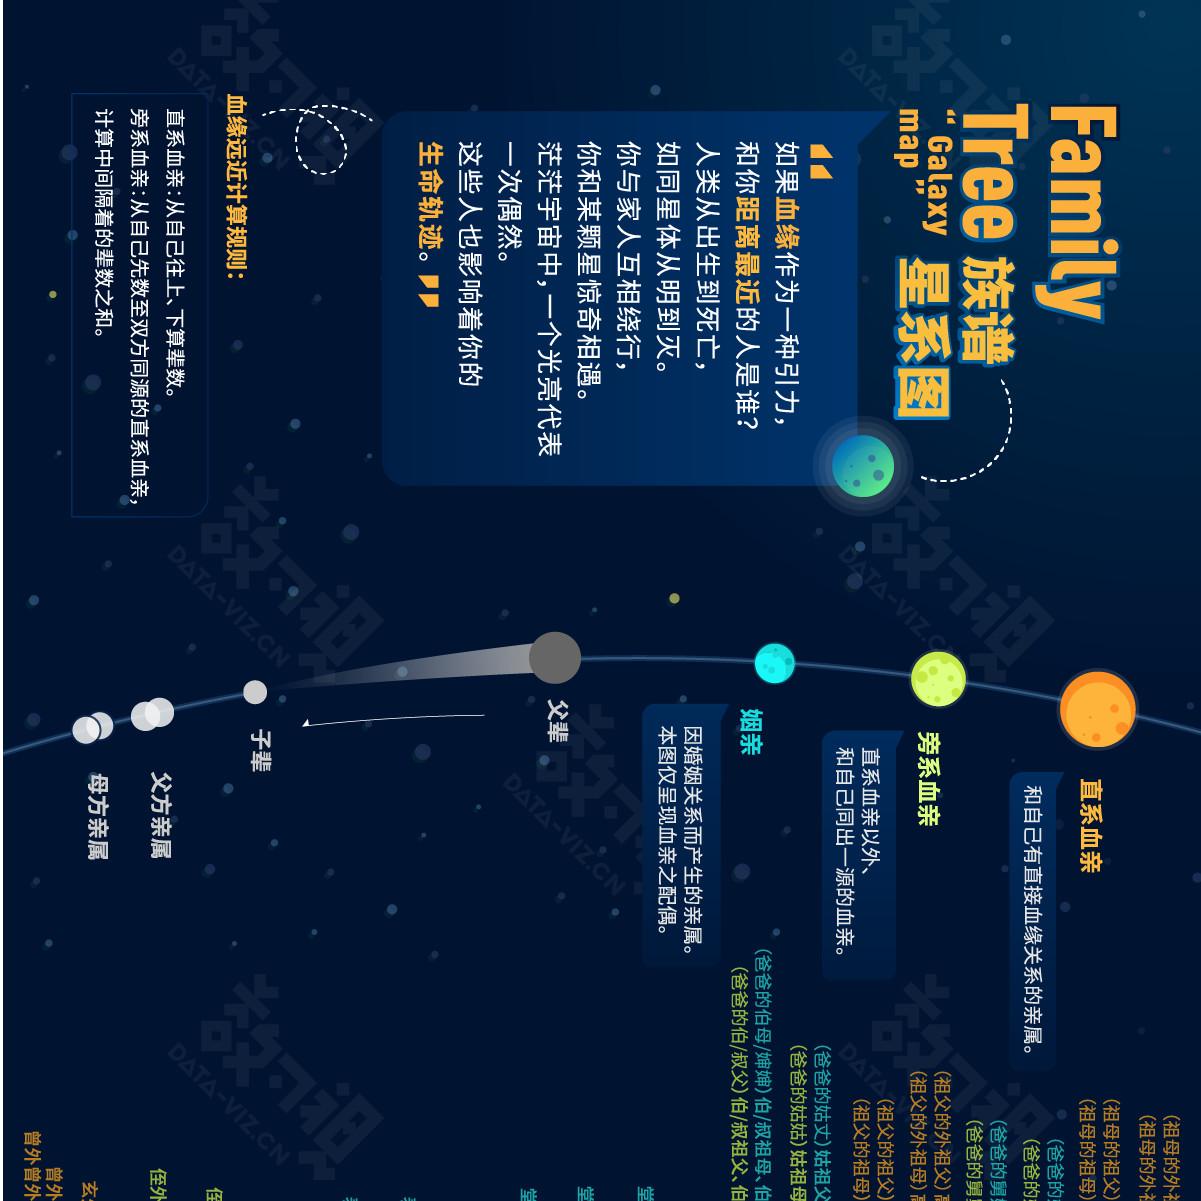 拜年时,远近亲属怎么叫?族谱星系图告诉你